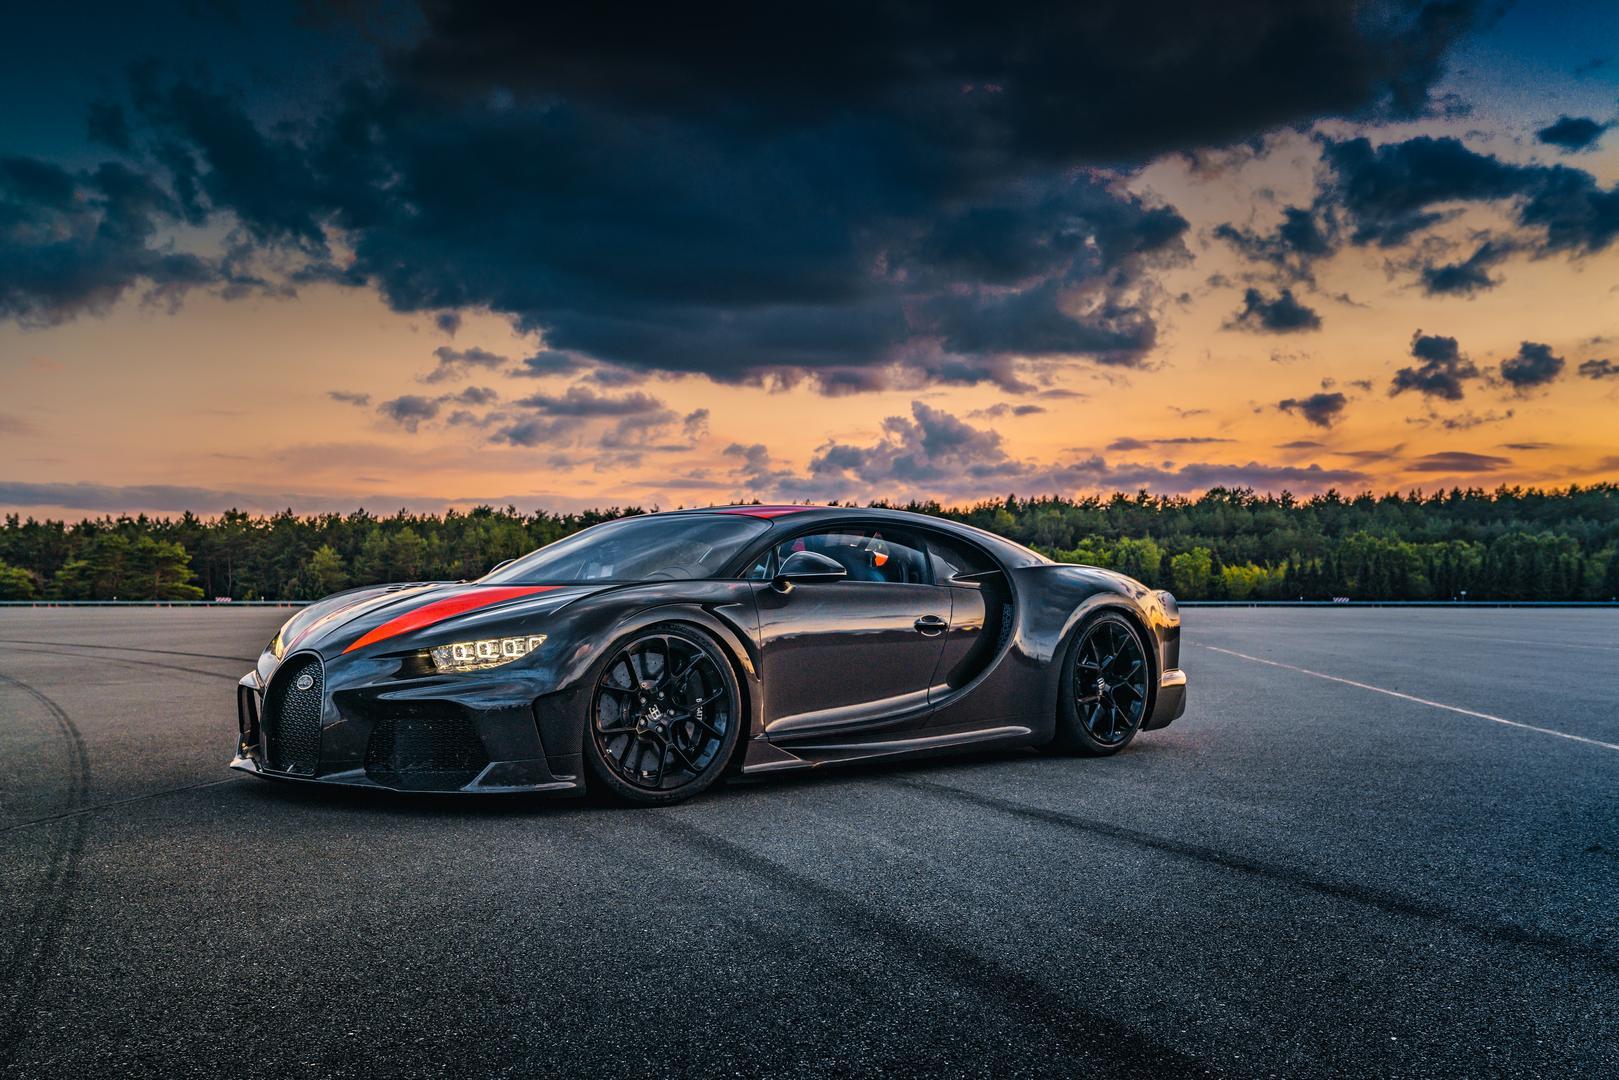 Bugatti Chiron Super Sport 300+ price